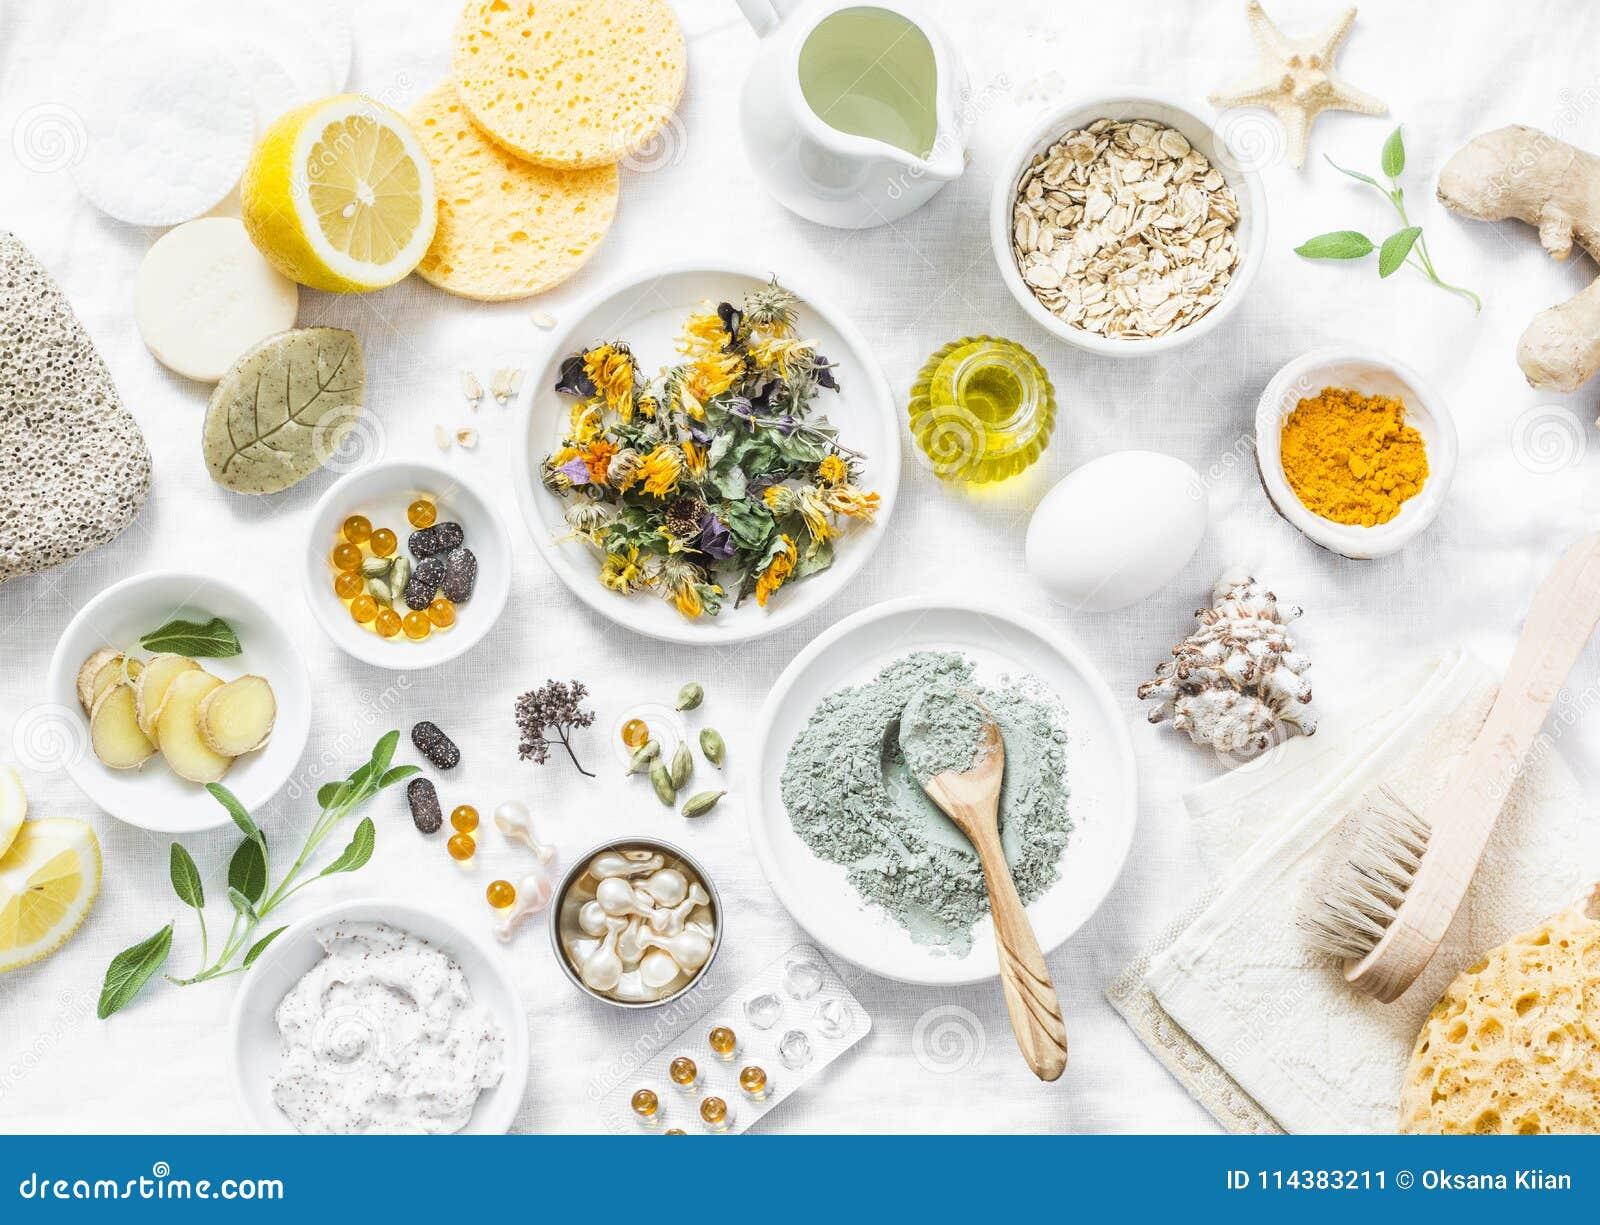 Hem- skönhetsprodukter - lera, havremjölet, kokosnötolja, gurkmeja, citron, skurar, torra blommor och örter, svampar, tvål, ansik